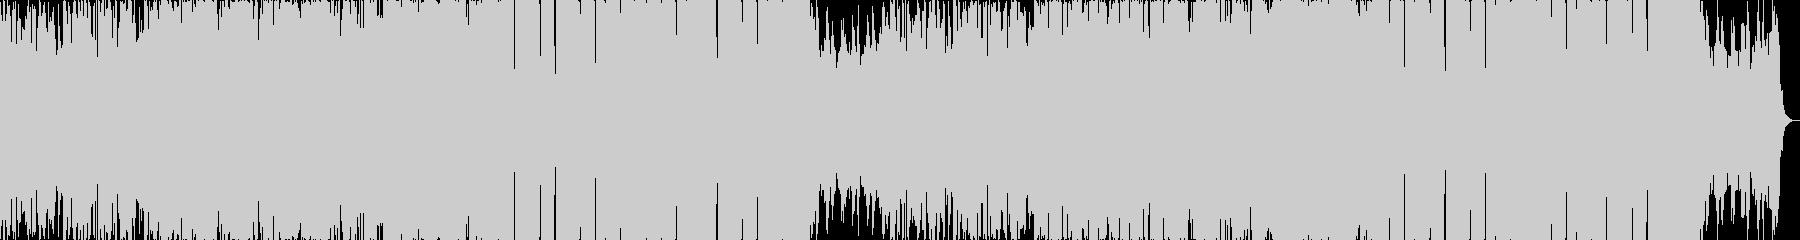 躍動感高揚感おしゃれ切ないエレクトロaの未再生の波形